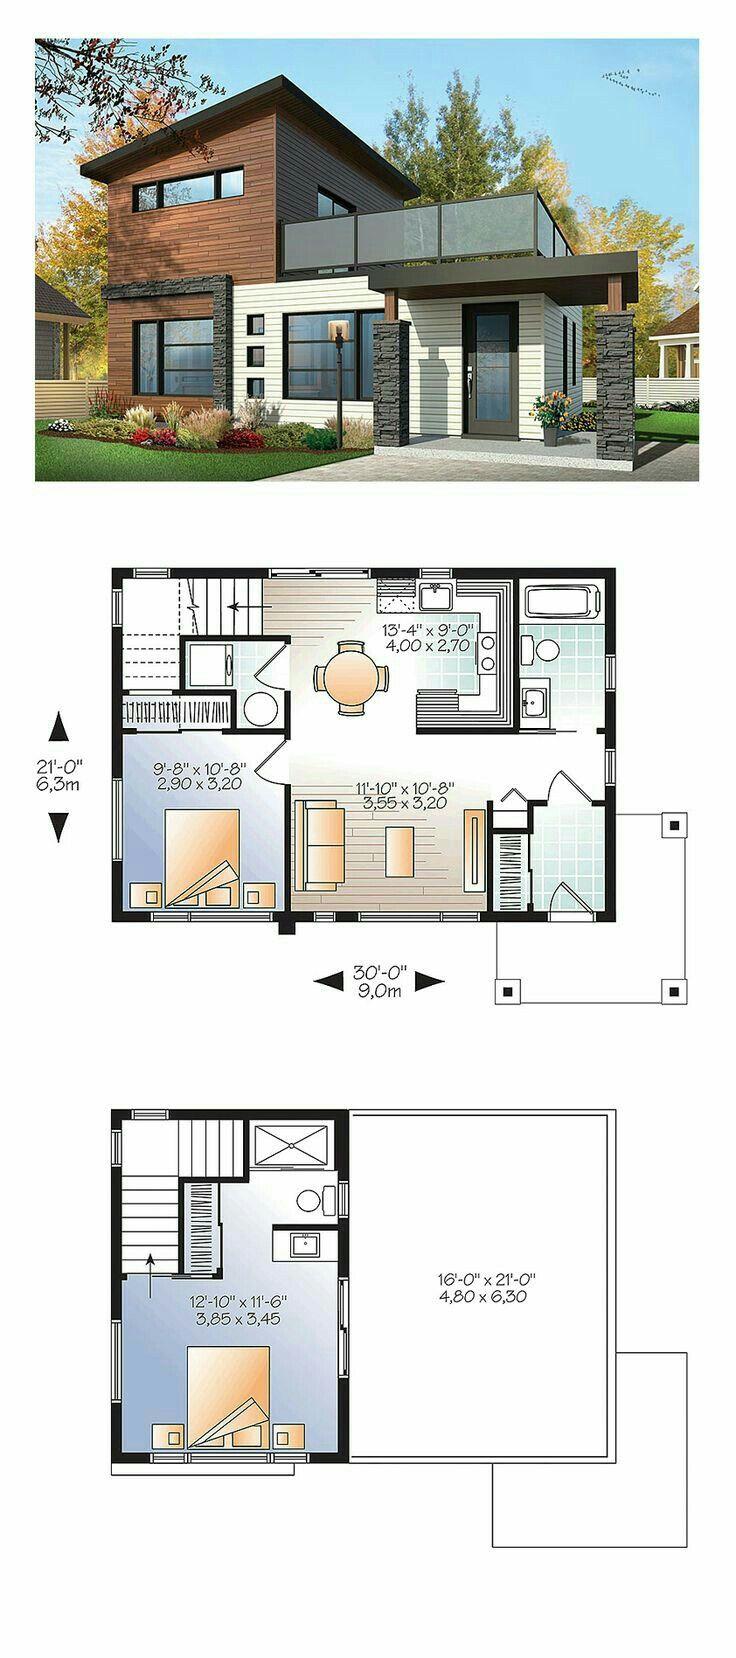 Desain Rumah The Sims 4 : desain, rumah, Günnur, Onbaşı, Bunny, {•○•}, Denah, Rumah,, Rumah, Modern,, Desain, Kontemporer